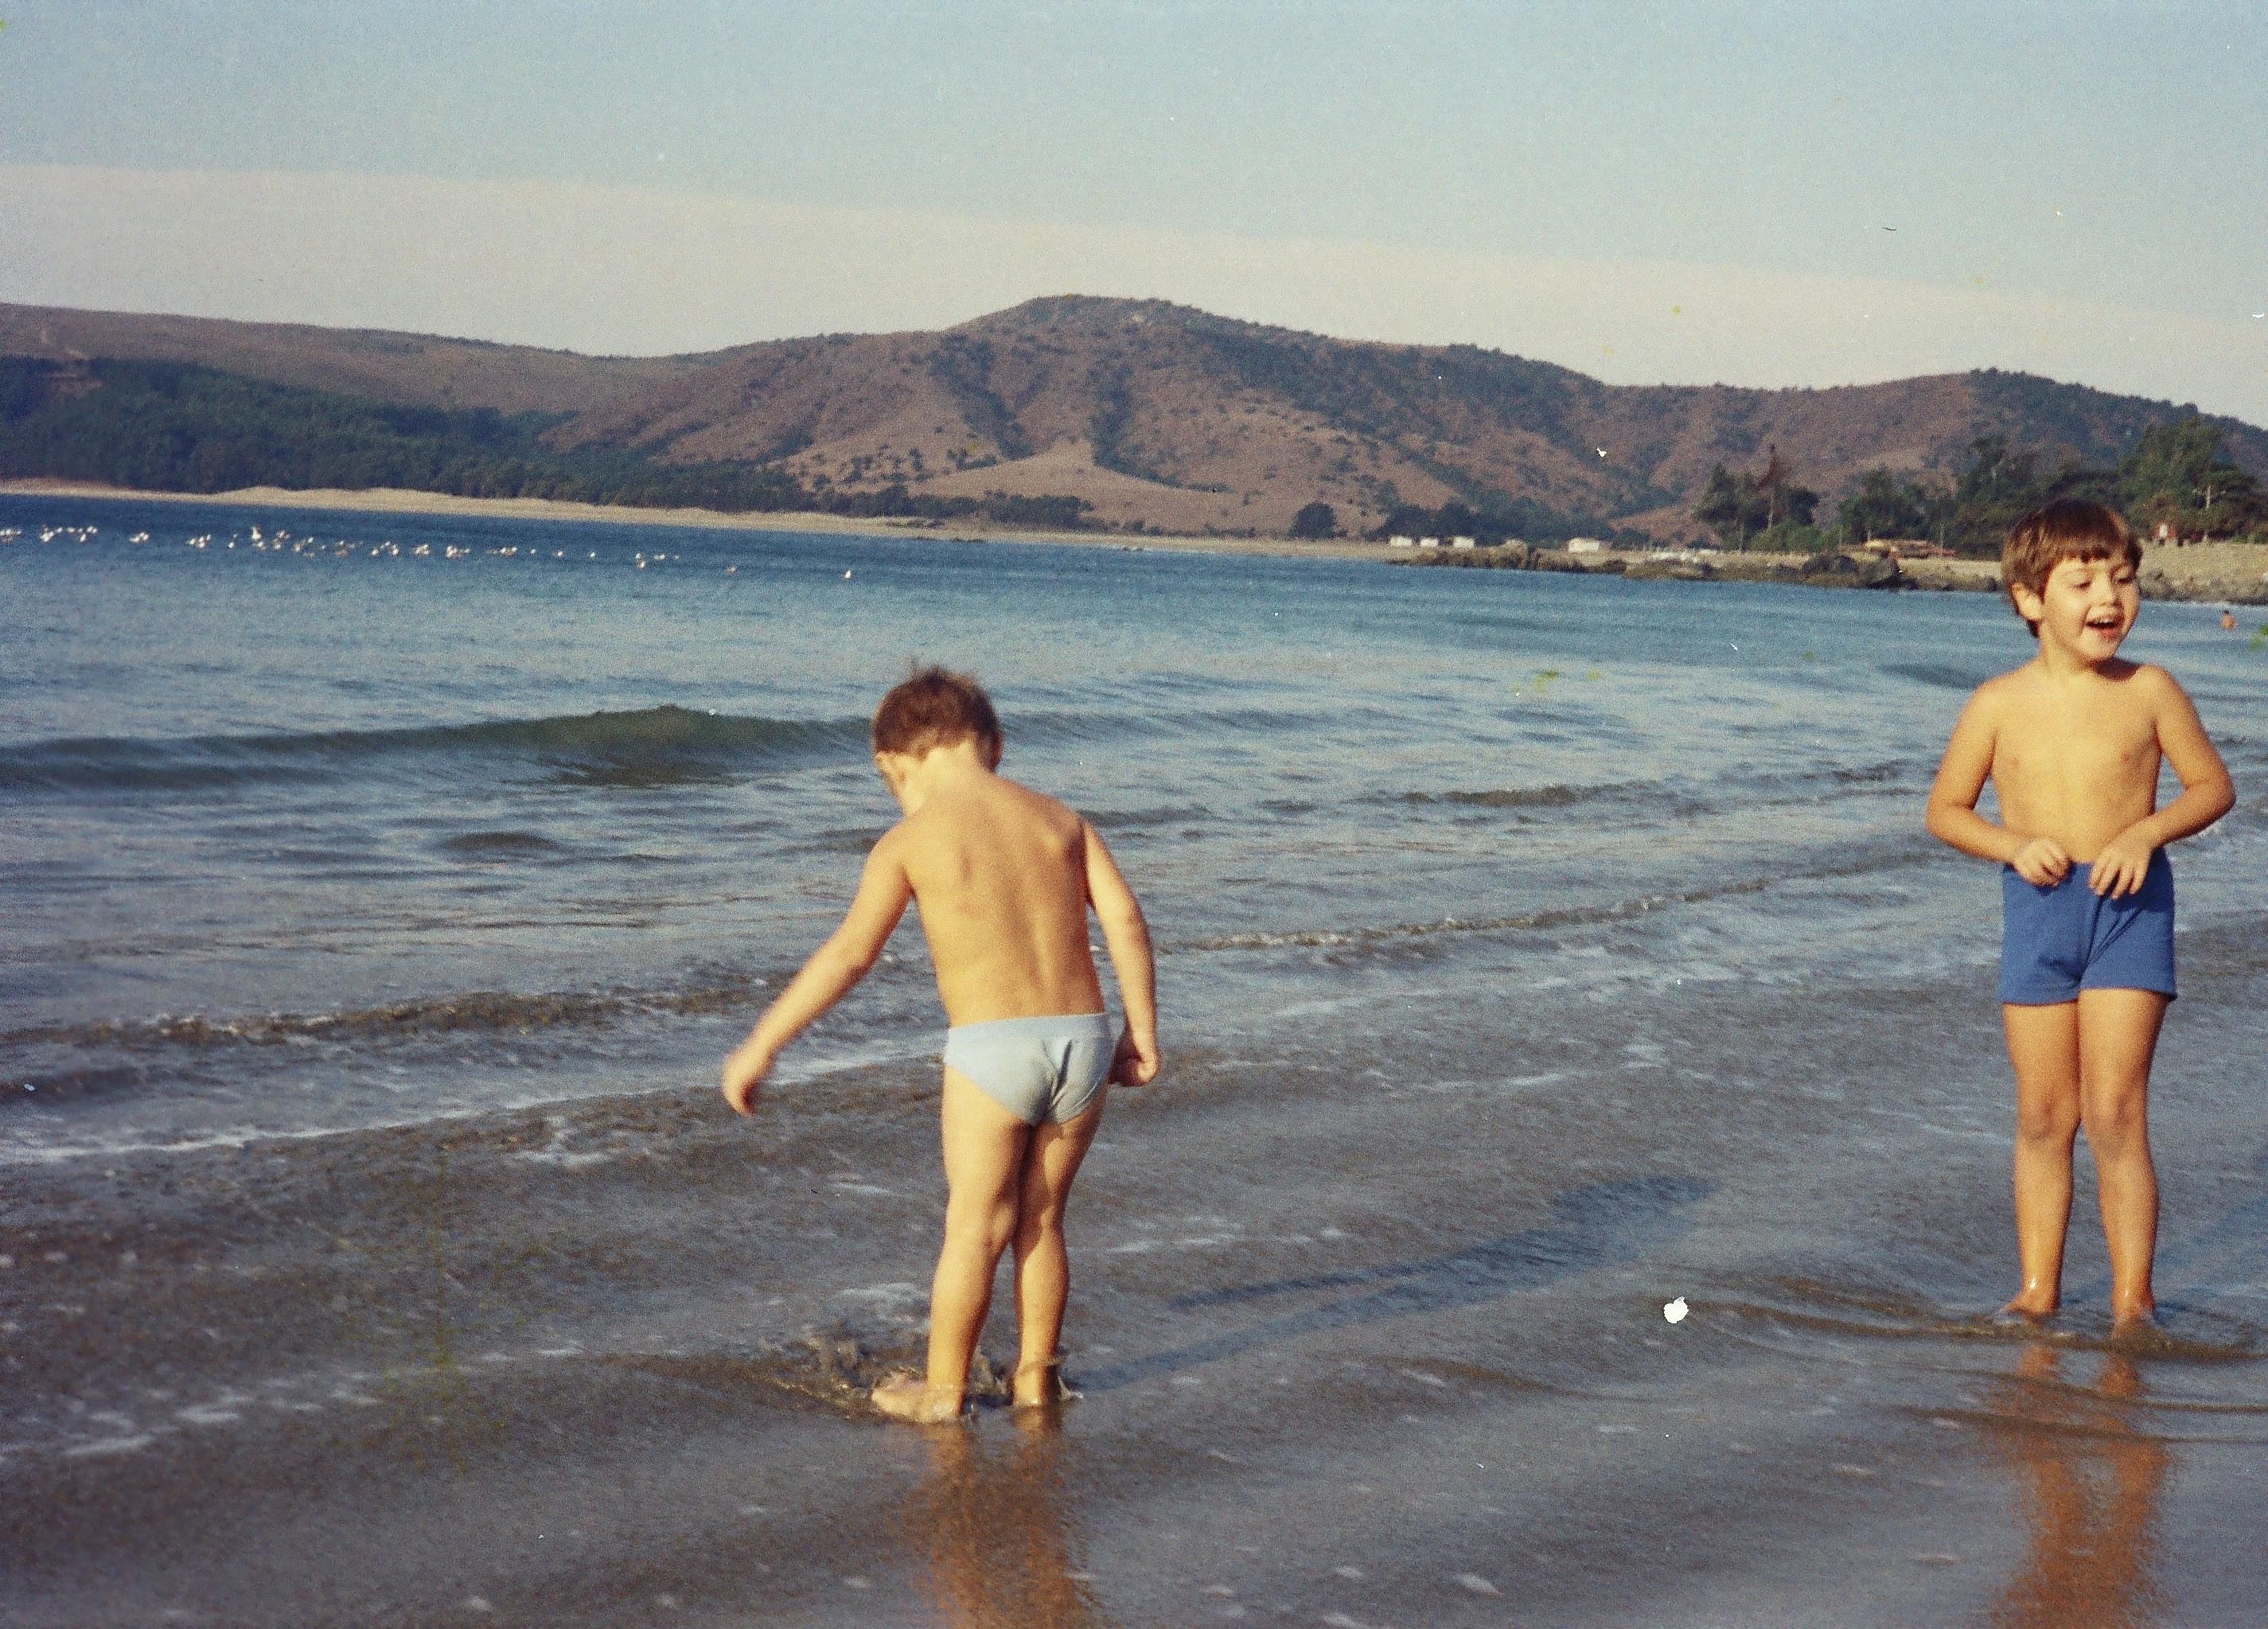 Enterreno - Fotos históricas de chile - fotos antiguas de Chile - Verano en Papudo en 1979